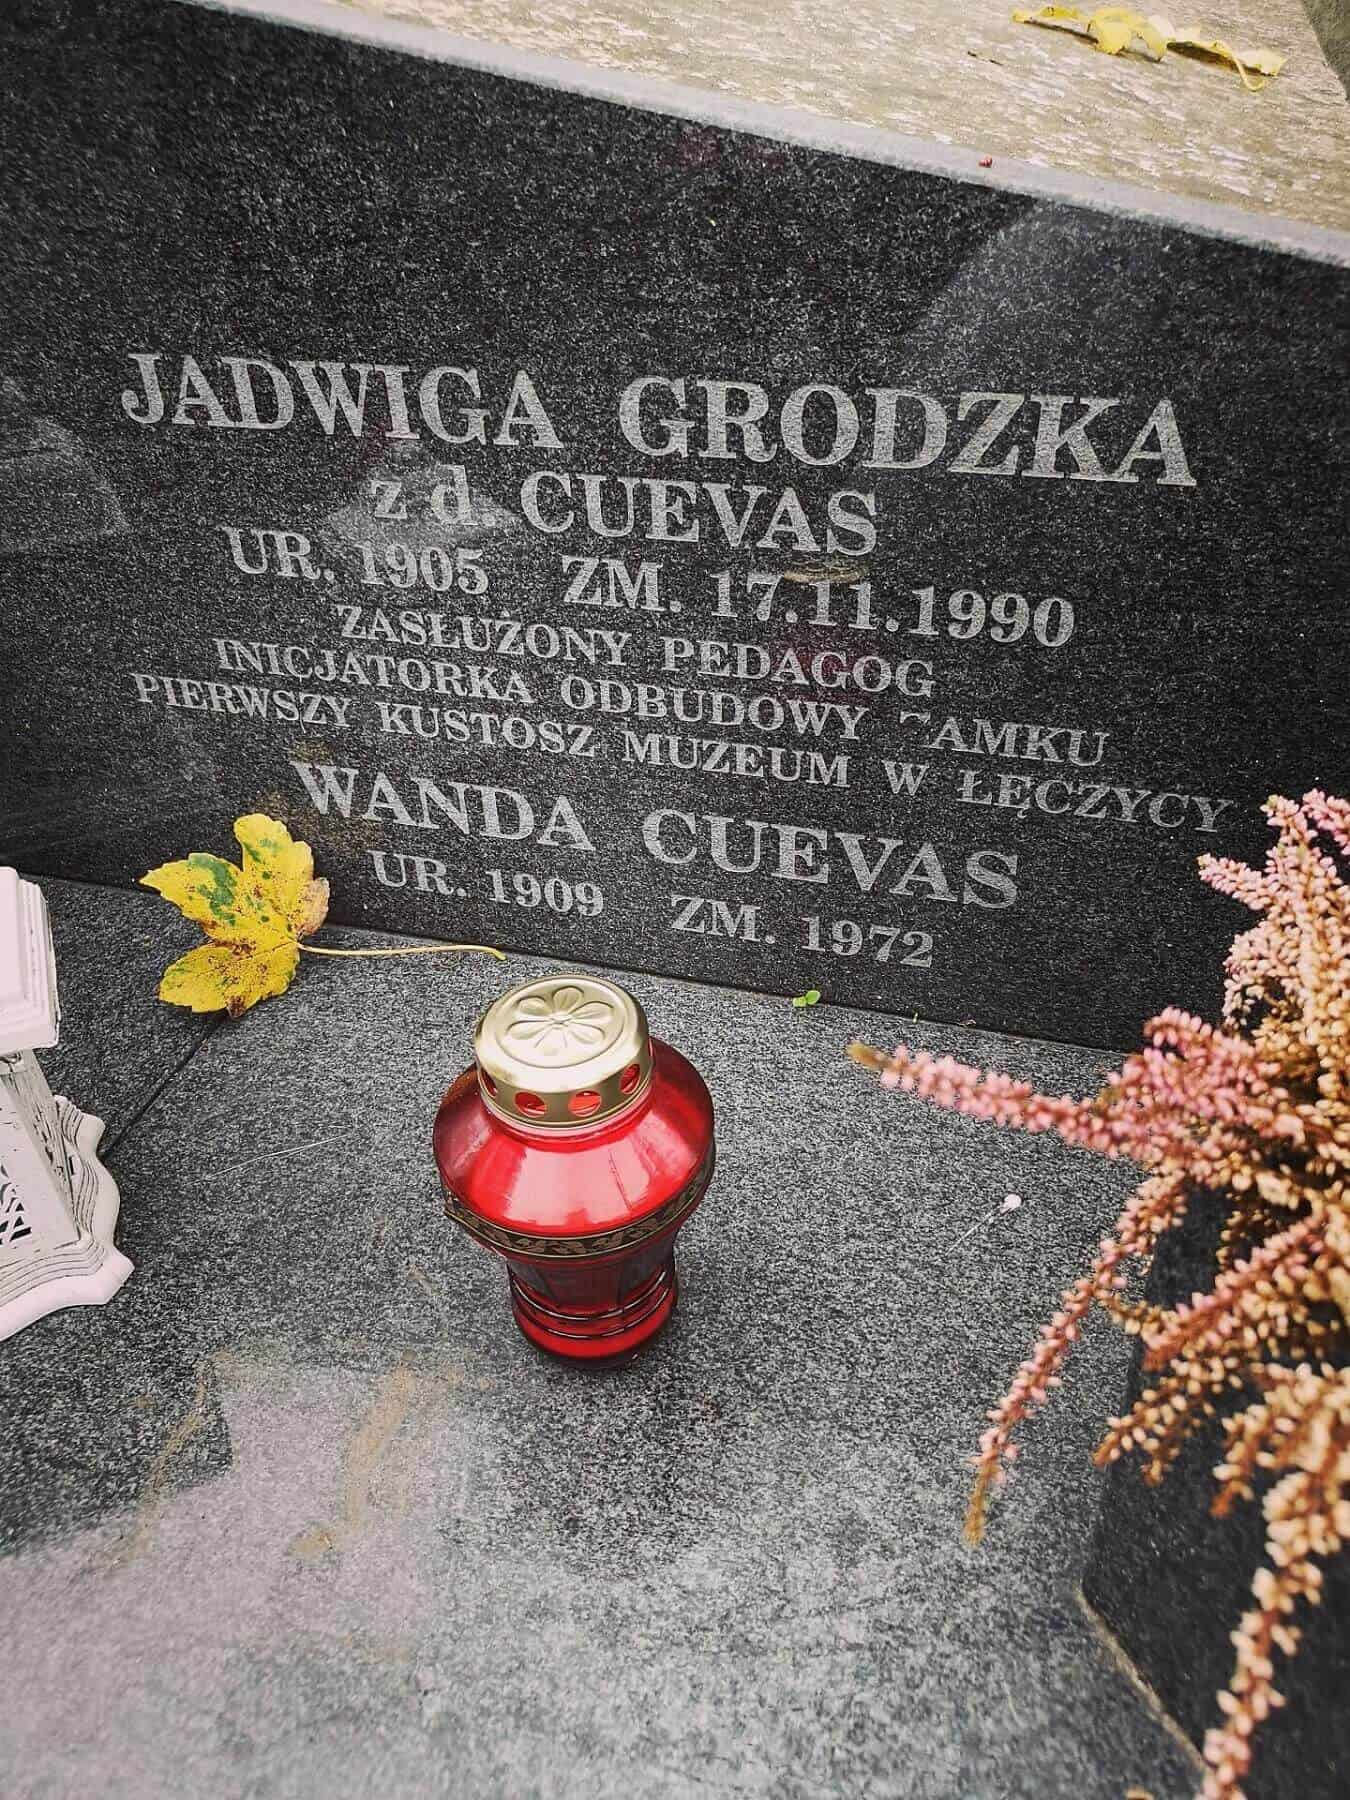 cmentarz rzymskokatolicki w łęczycy_Jadwiga Grodzka